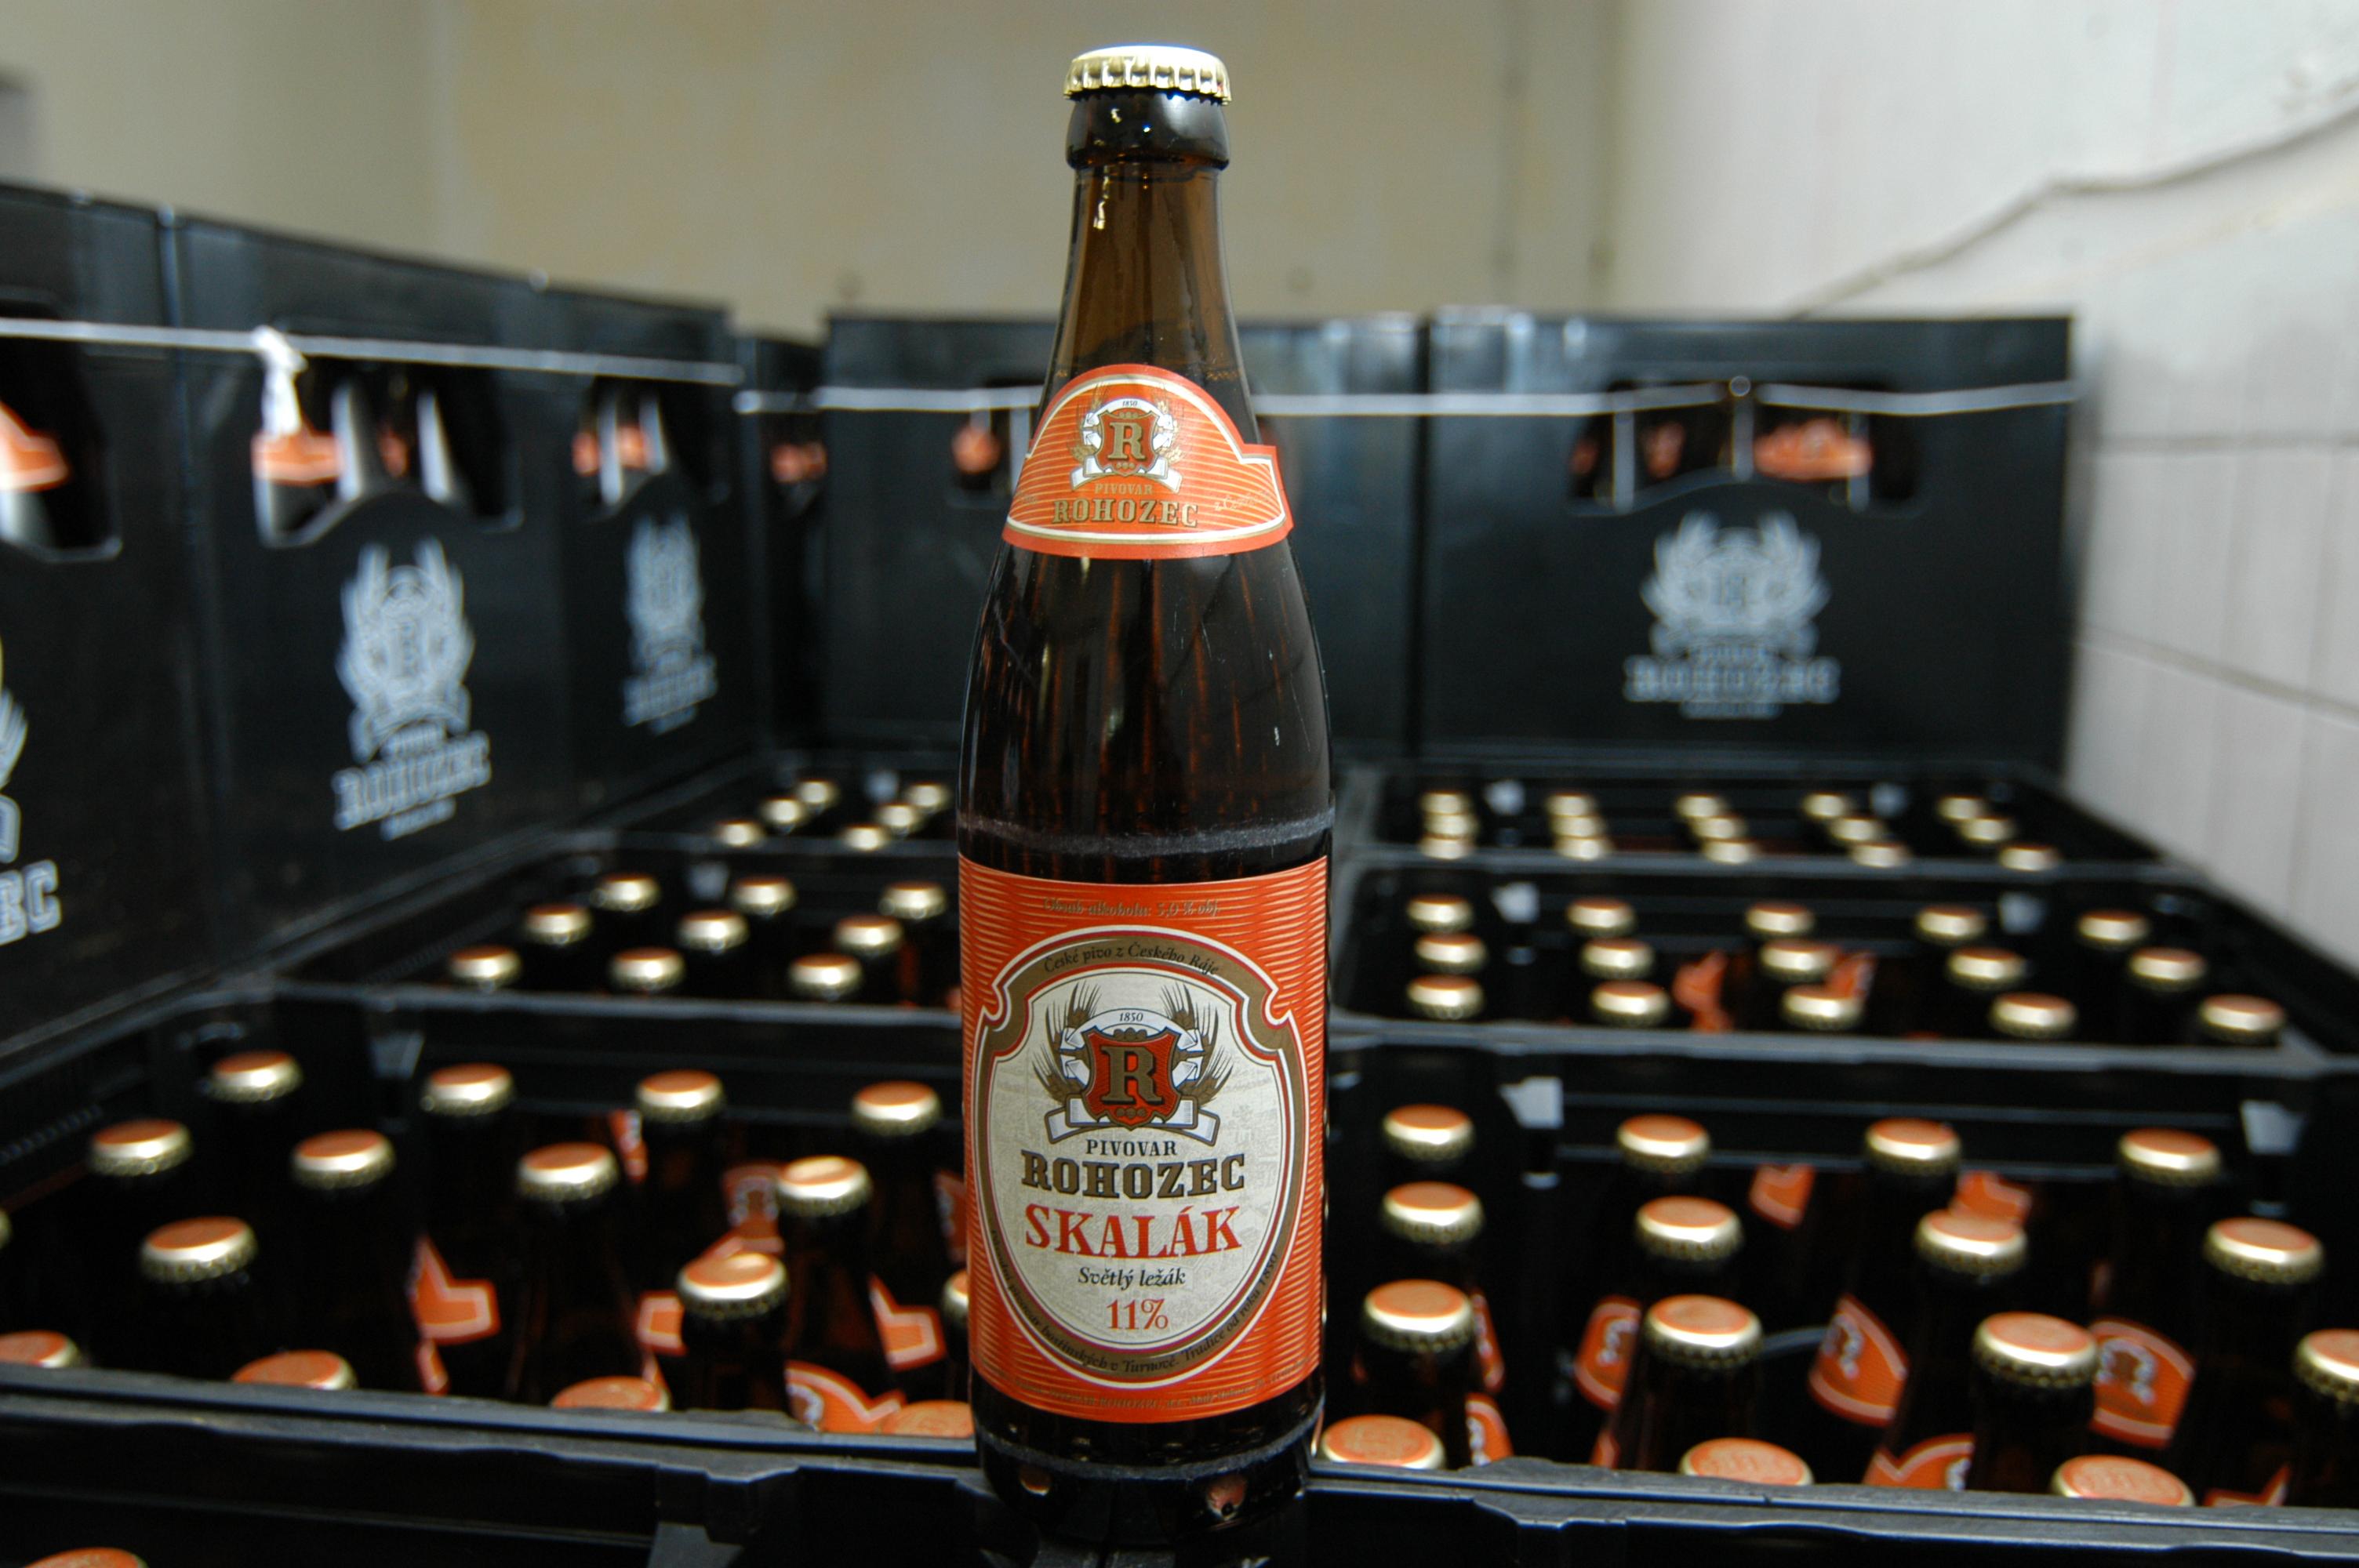 Pivo z Pivovaru Rohozec, a.s., obrázek se otevře v novém okně